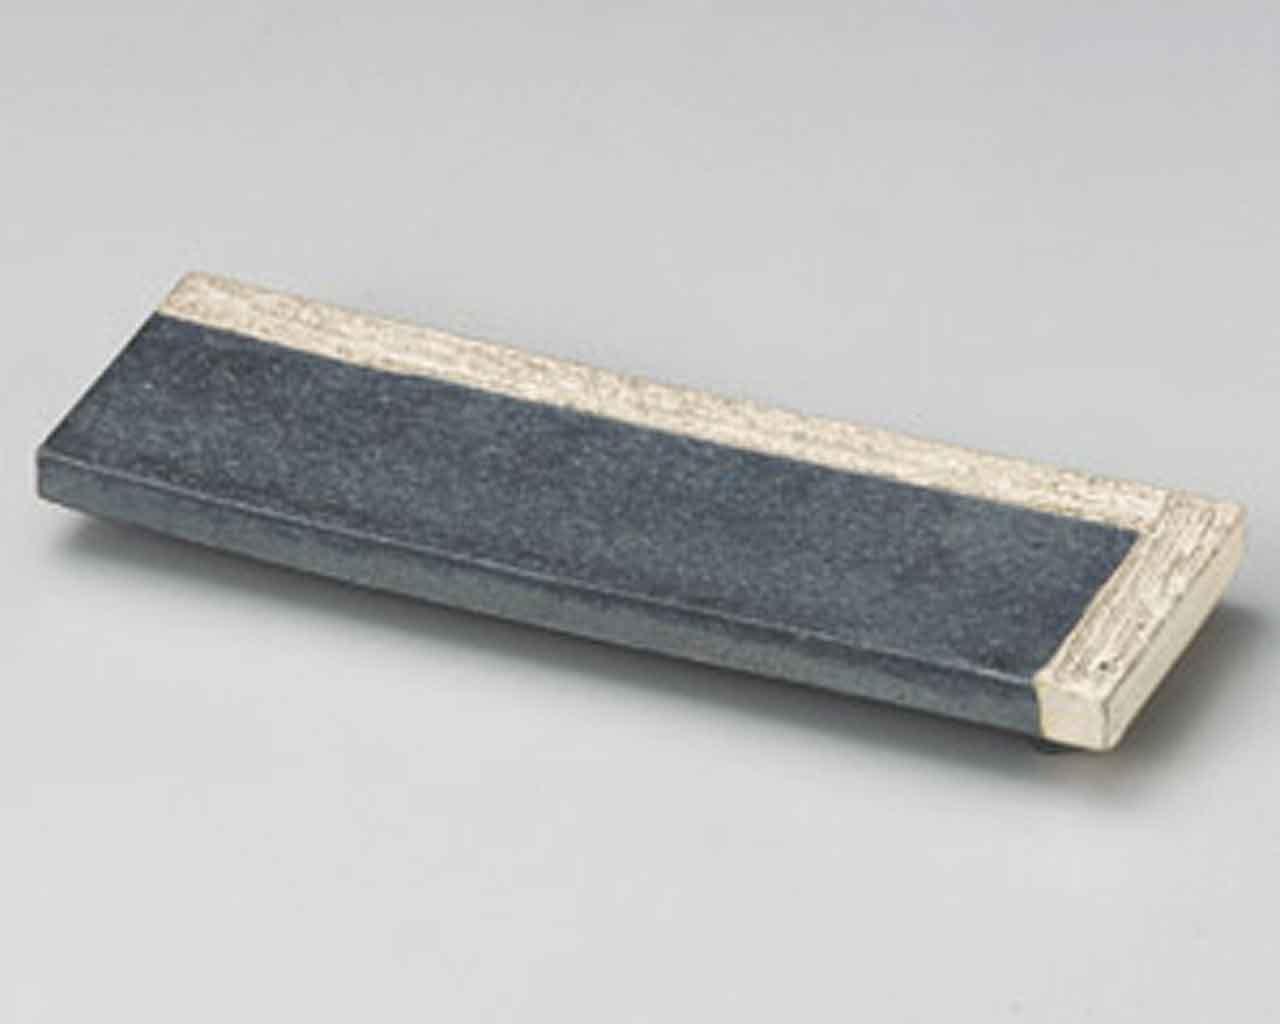 Yohen Kakewake 23.6cm Satz von 5 Sushiteller Black Ceramic Japanisch traditionell